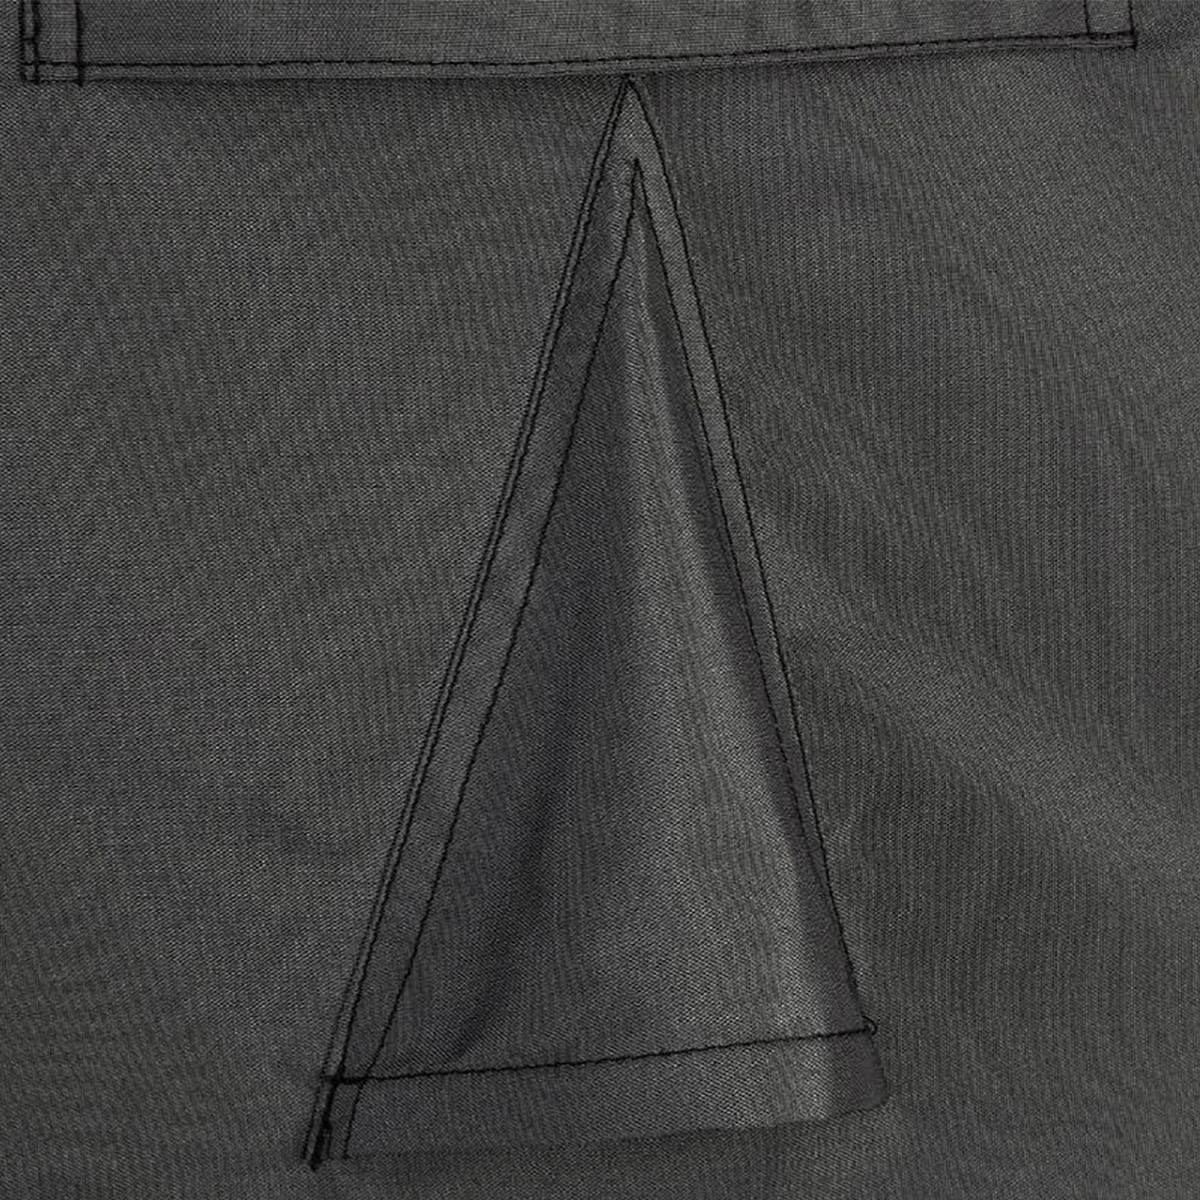 כיסוי לשולחן מלבני קטן 1.85x1.25 מ'